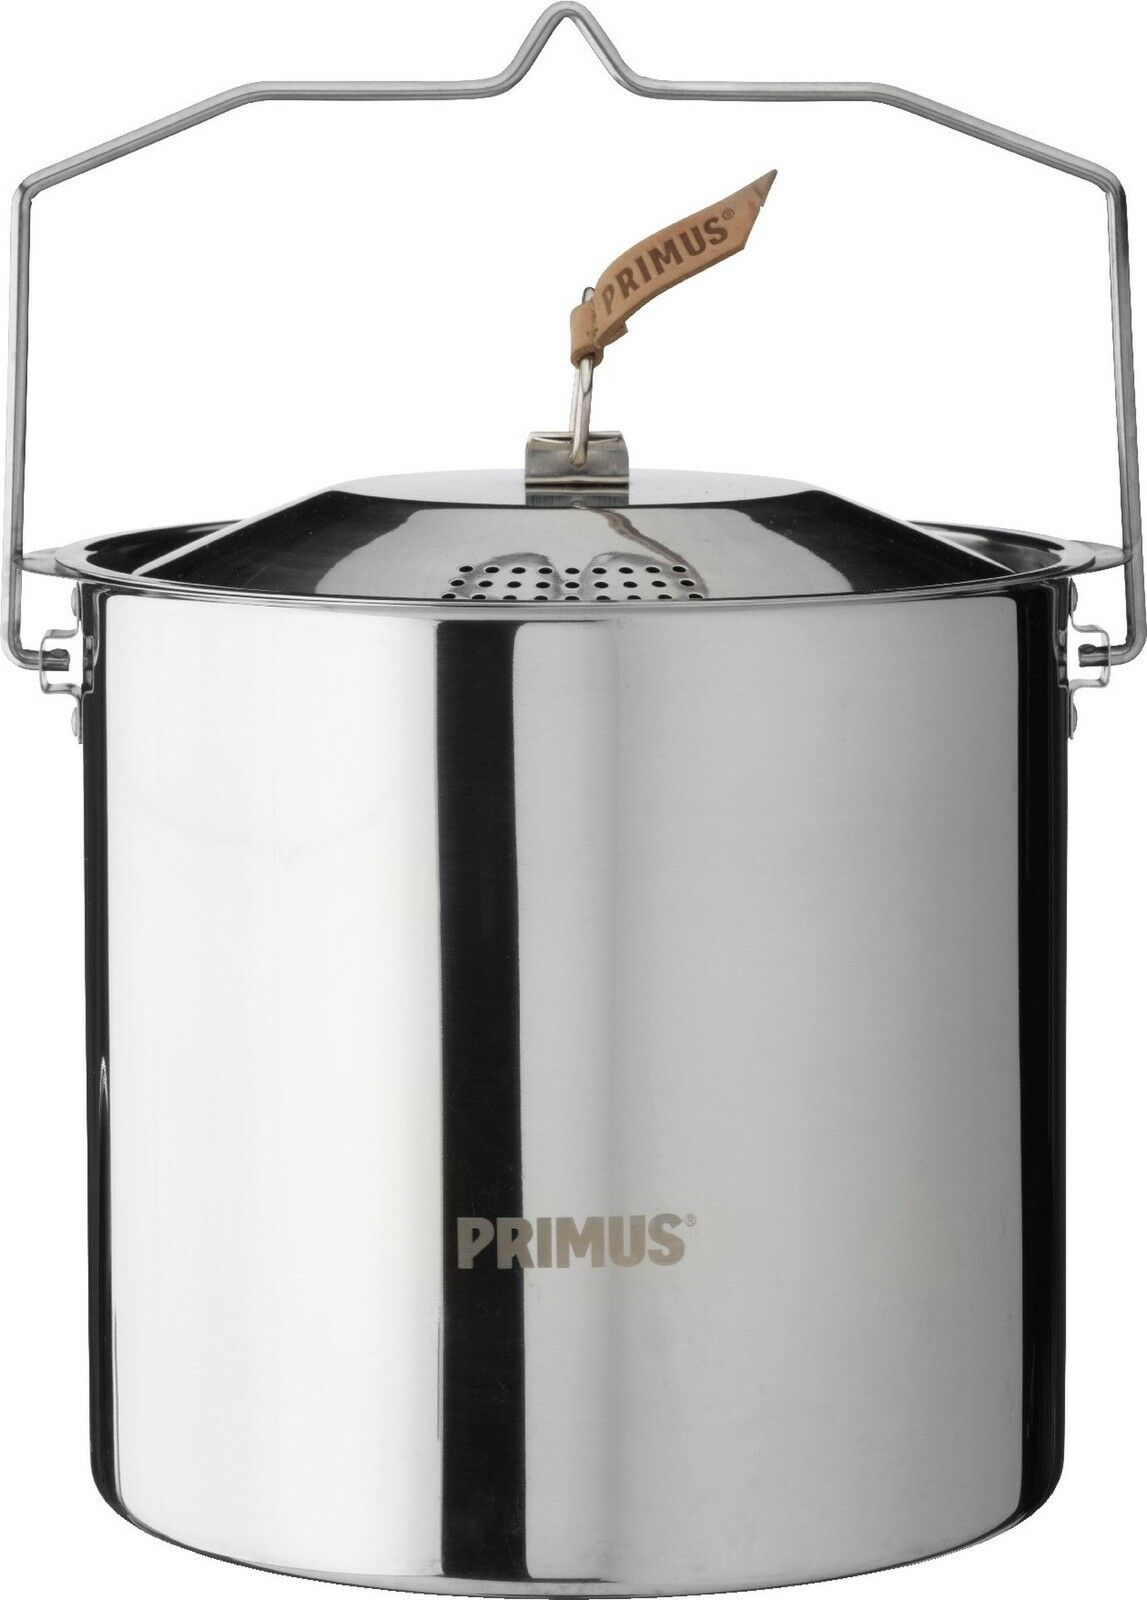 Primus Campfire pot S s - 5l camping olla p738005